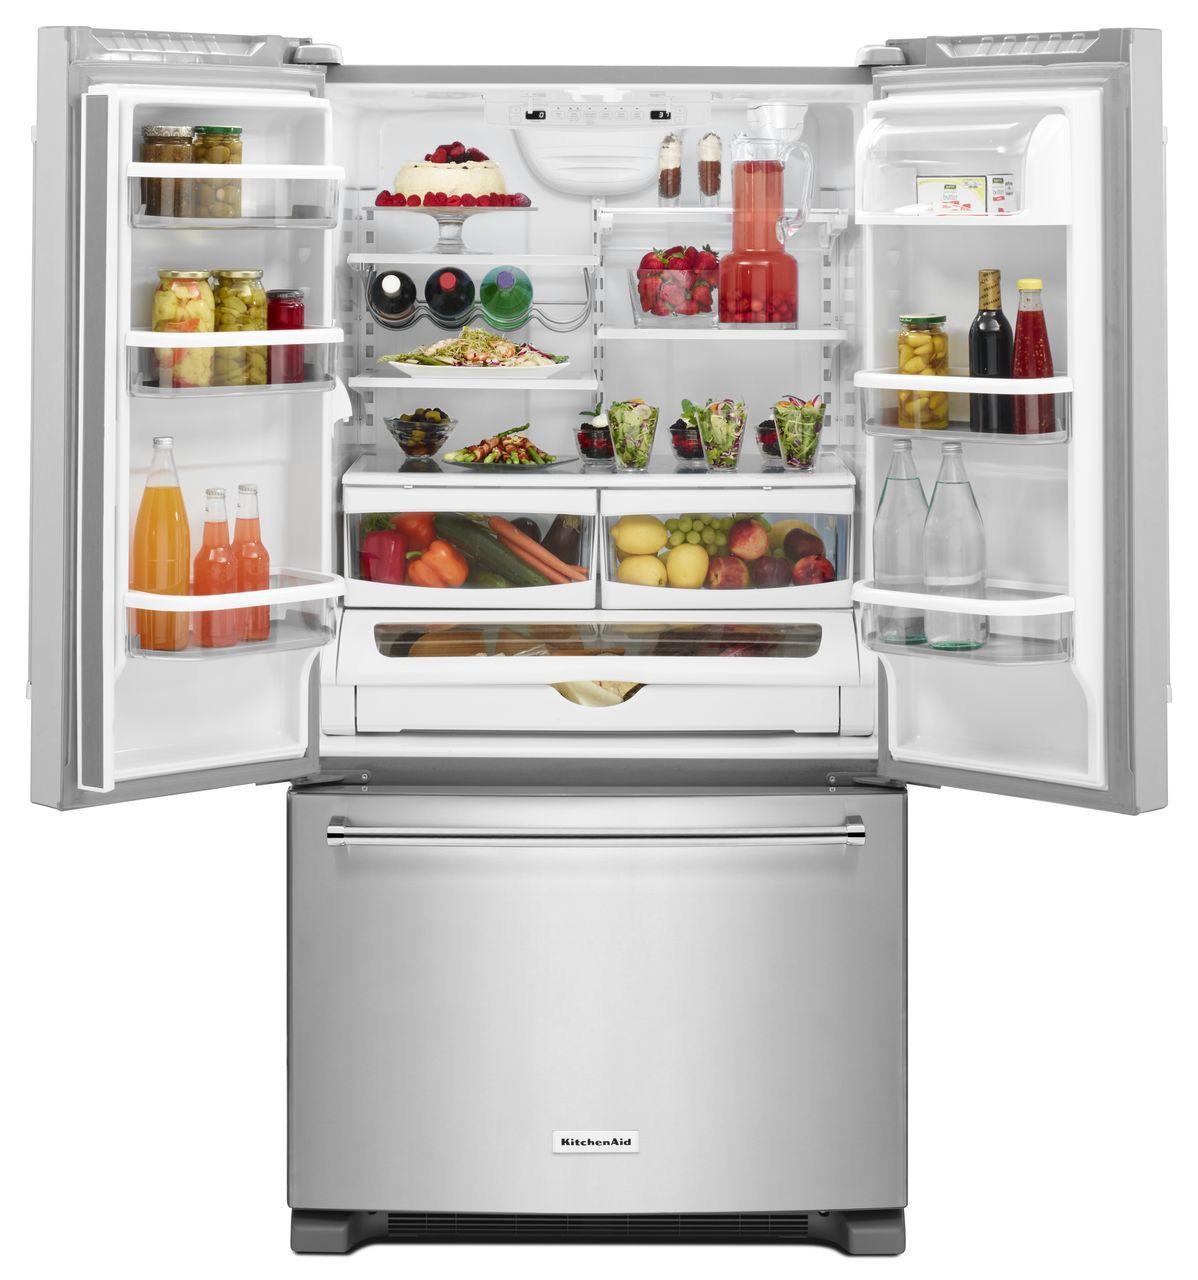 KitchenAid French Door Refrigerator - KRFF305EWH